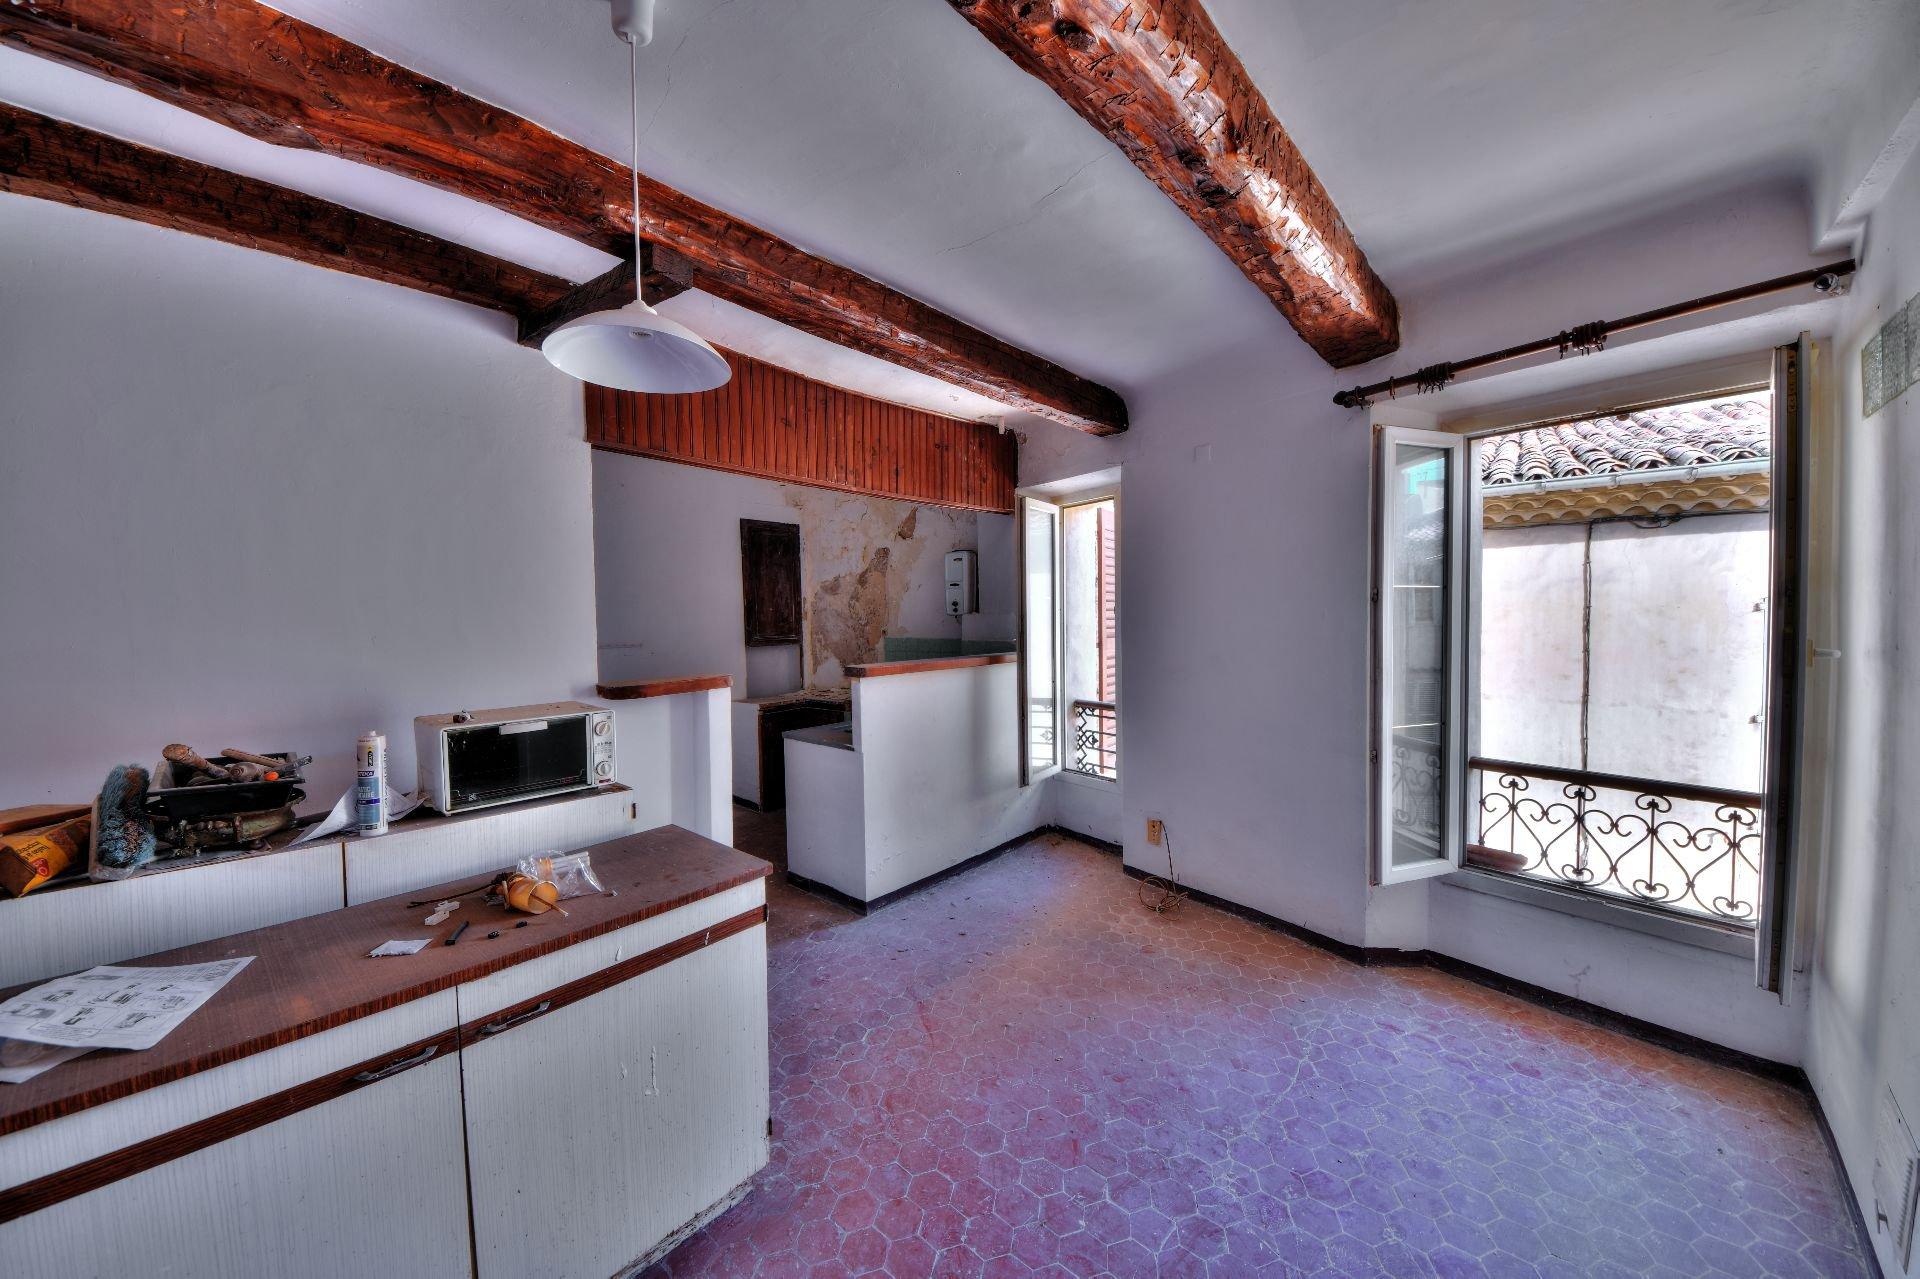 Cuisine de l'appartement deux pièces 3ème étage dans Immeuble de trois appartements + un studio à rénover, Aups, Var, Provence